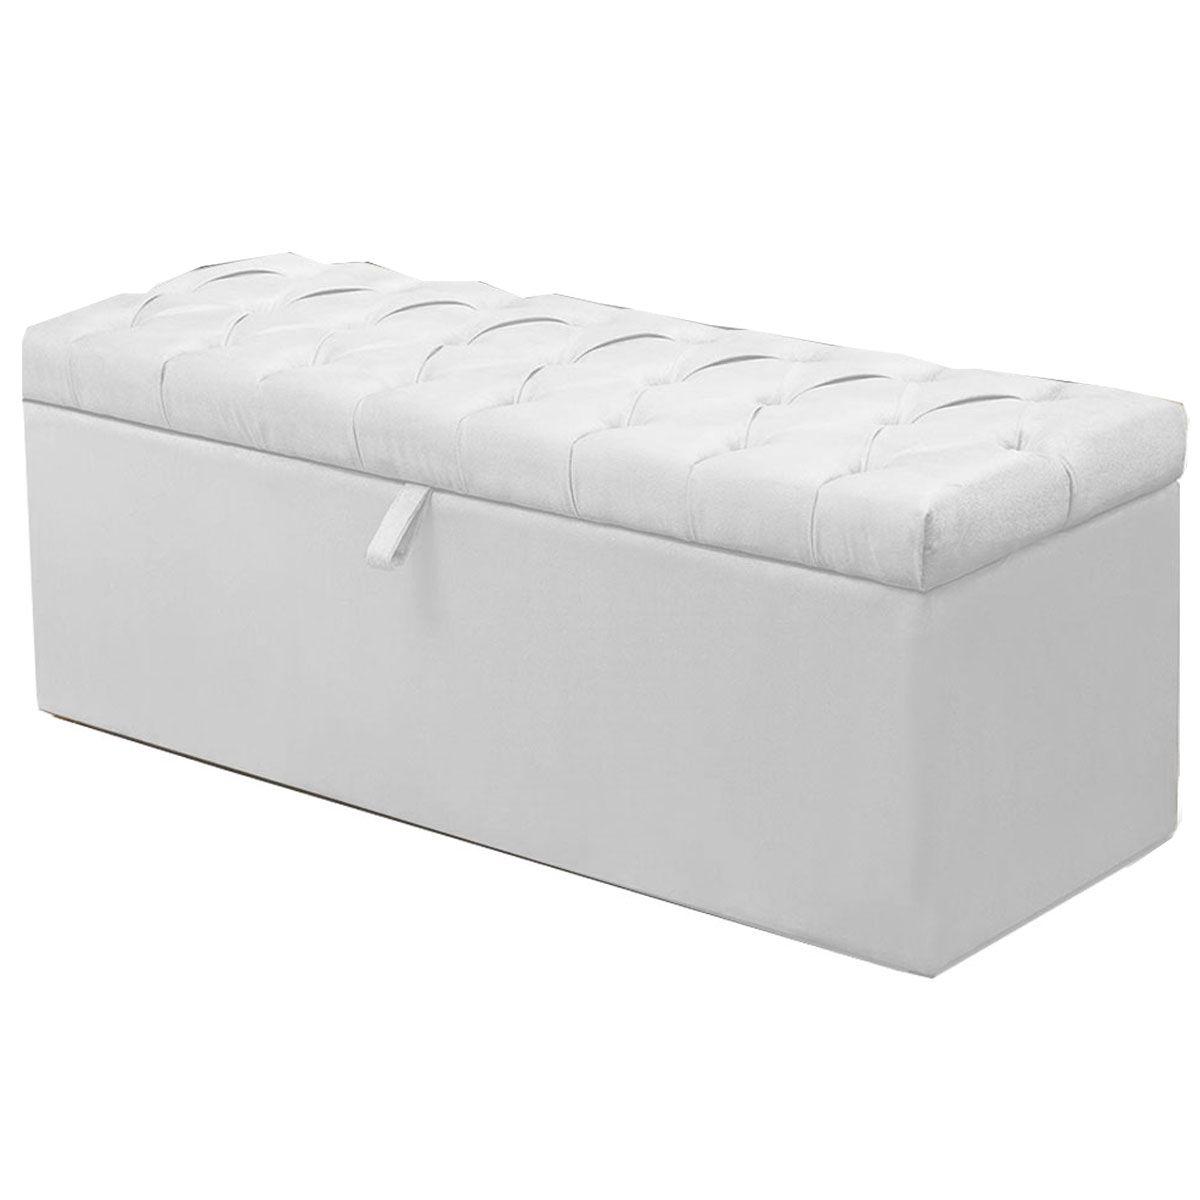 Calçadeira com Baú Itália Sintético Branco 190 cm